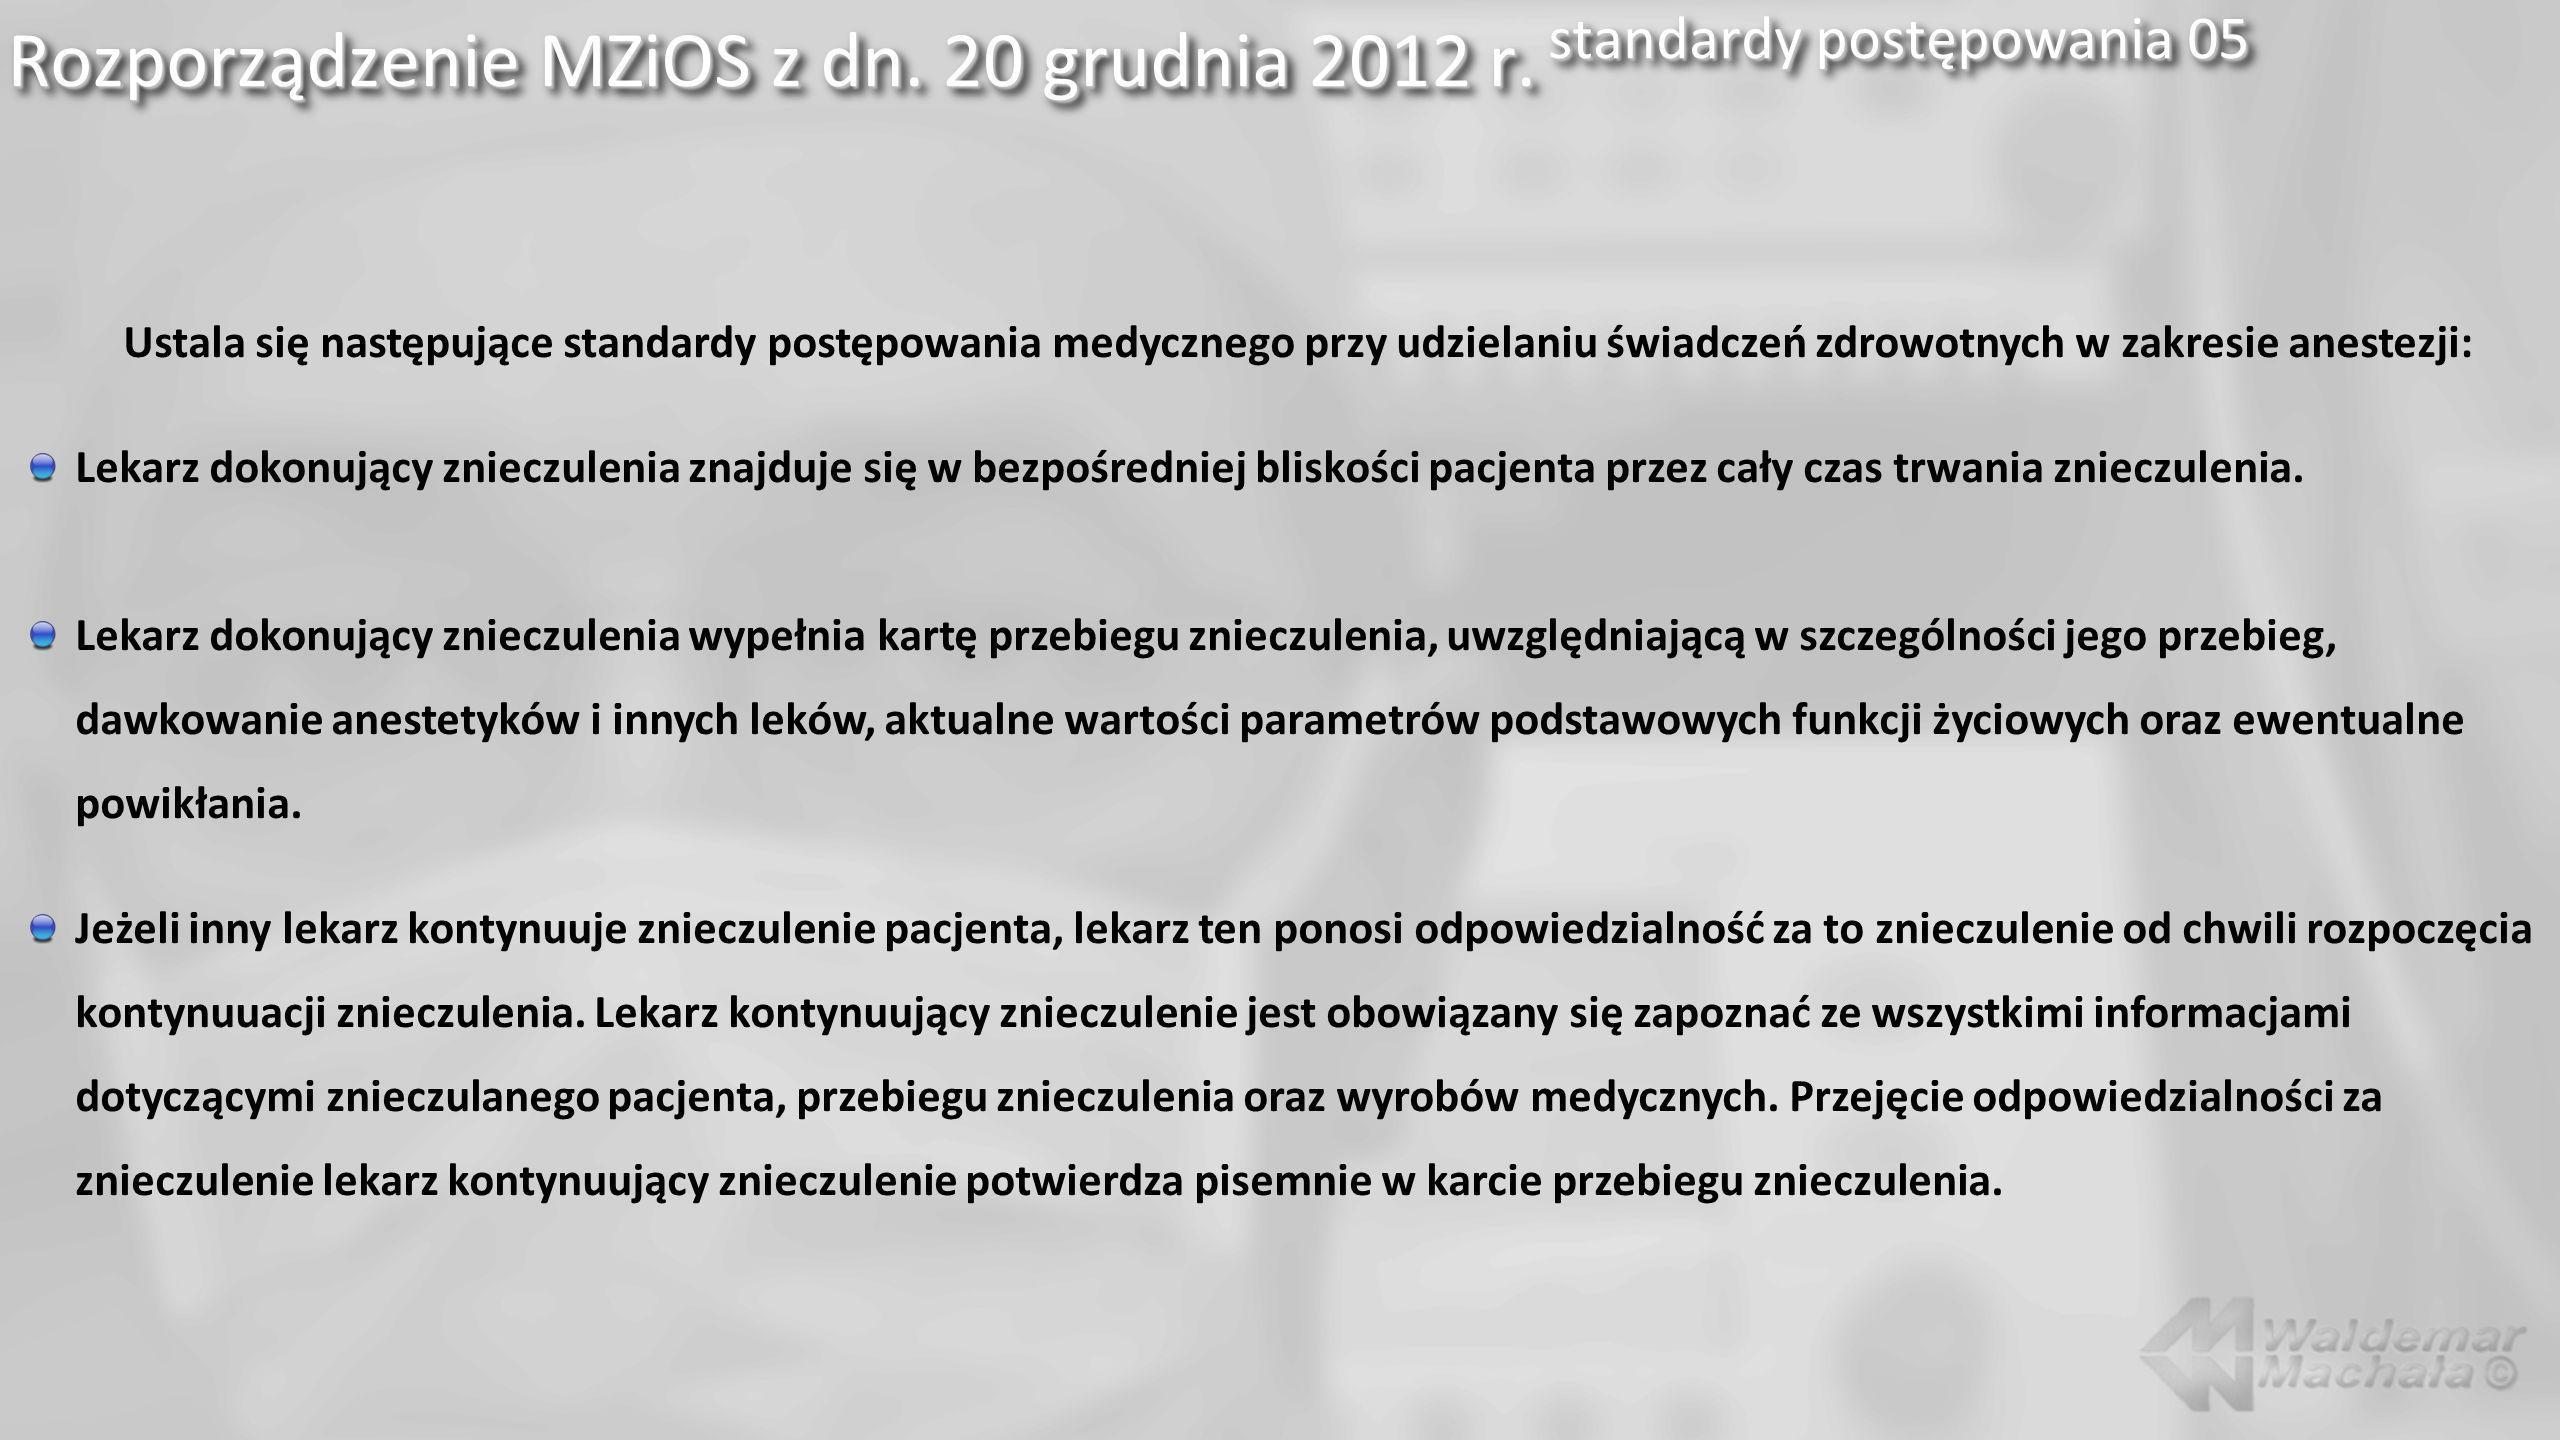 Rozporządzenie MZiOS z dn. 20 grudnia 2012 r. standardy postępowania 05 Ustala się następujące standardy postępowania medycznego przy udzielaniu świad